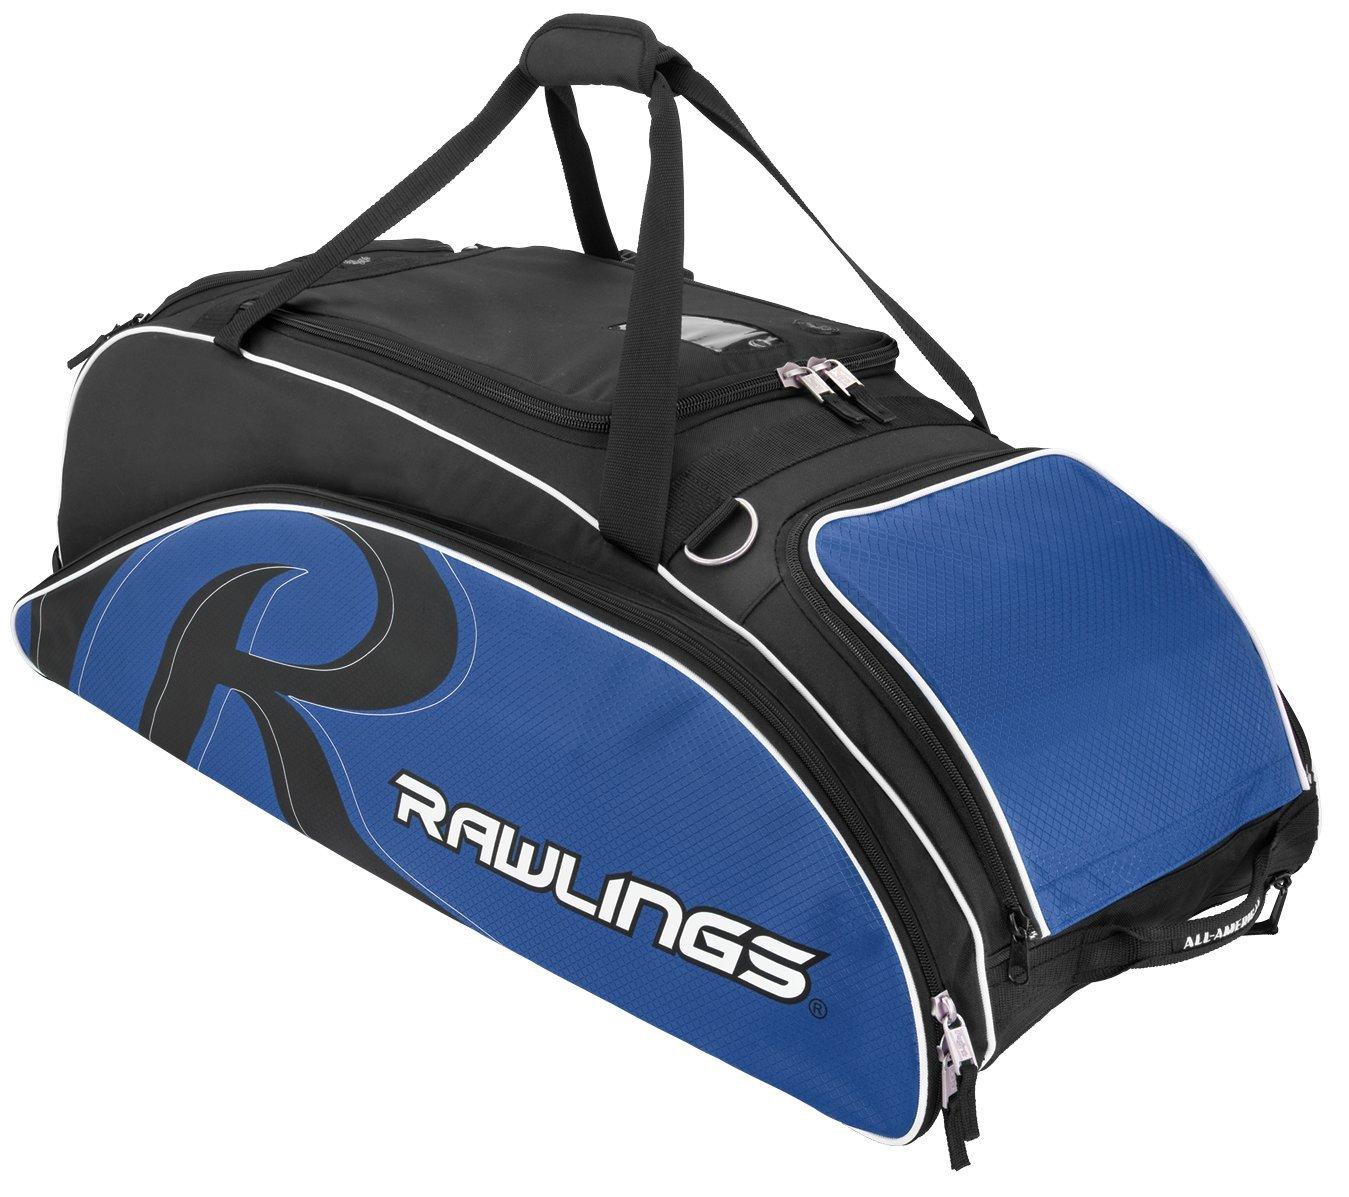 Rawlings All American機器バッグ B004L98DIM ロイヤル ロイヤル